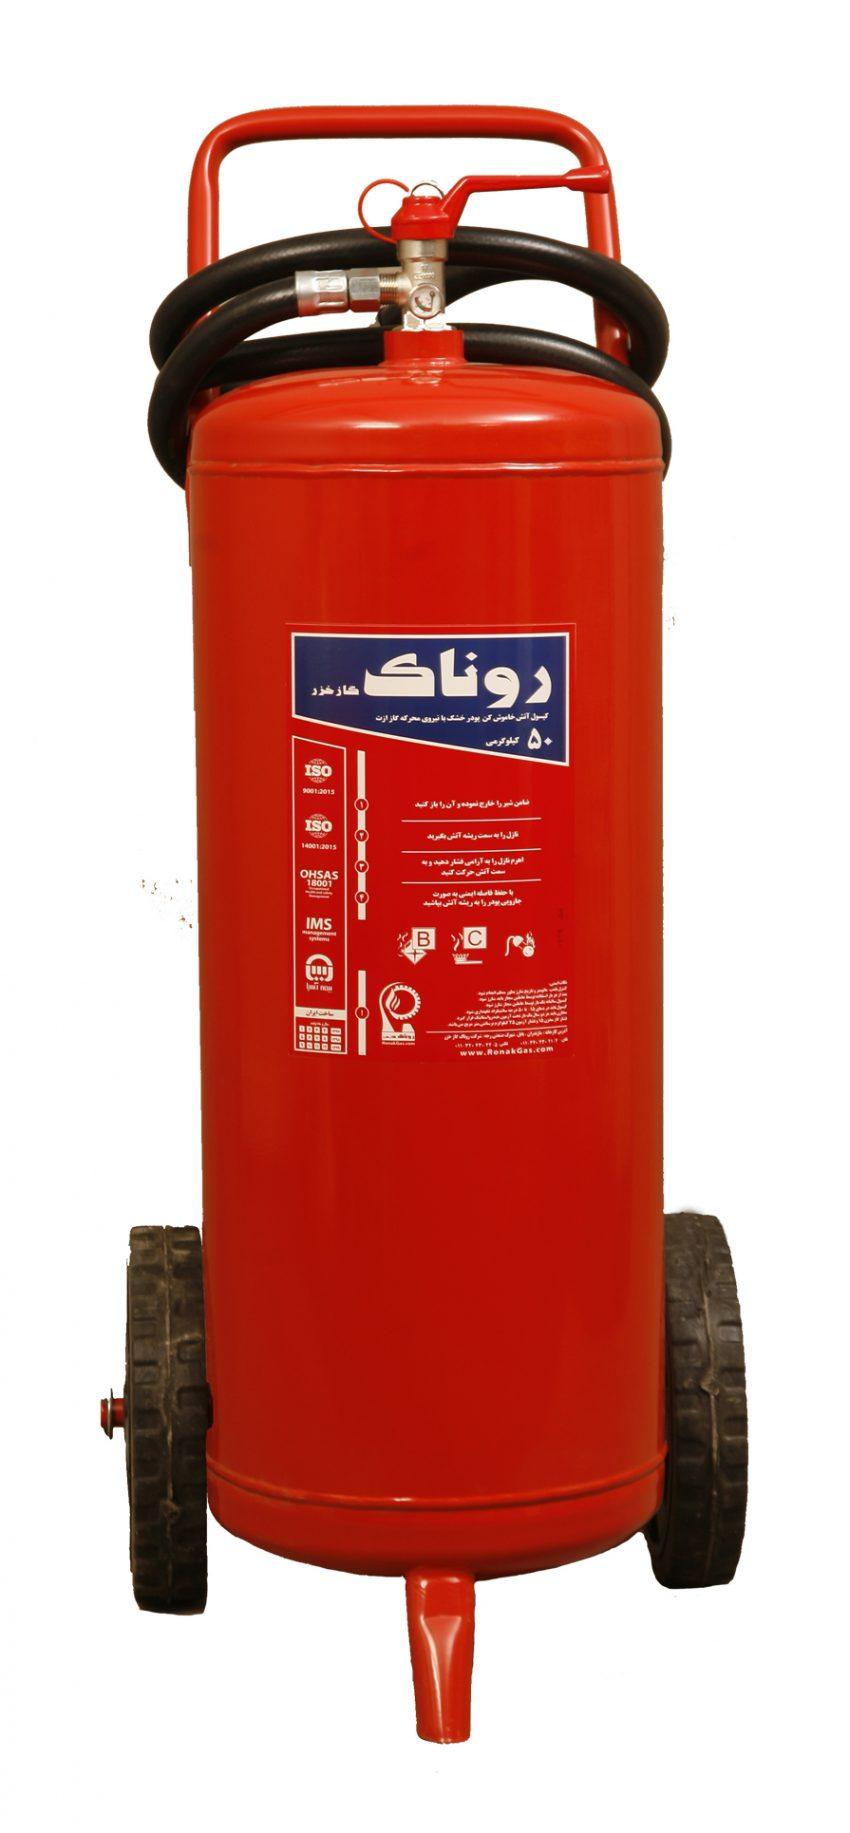 كپسول آتش نشاني 50 كيلوگرمي روناک و سپهر